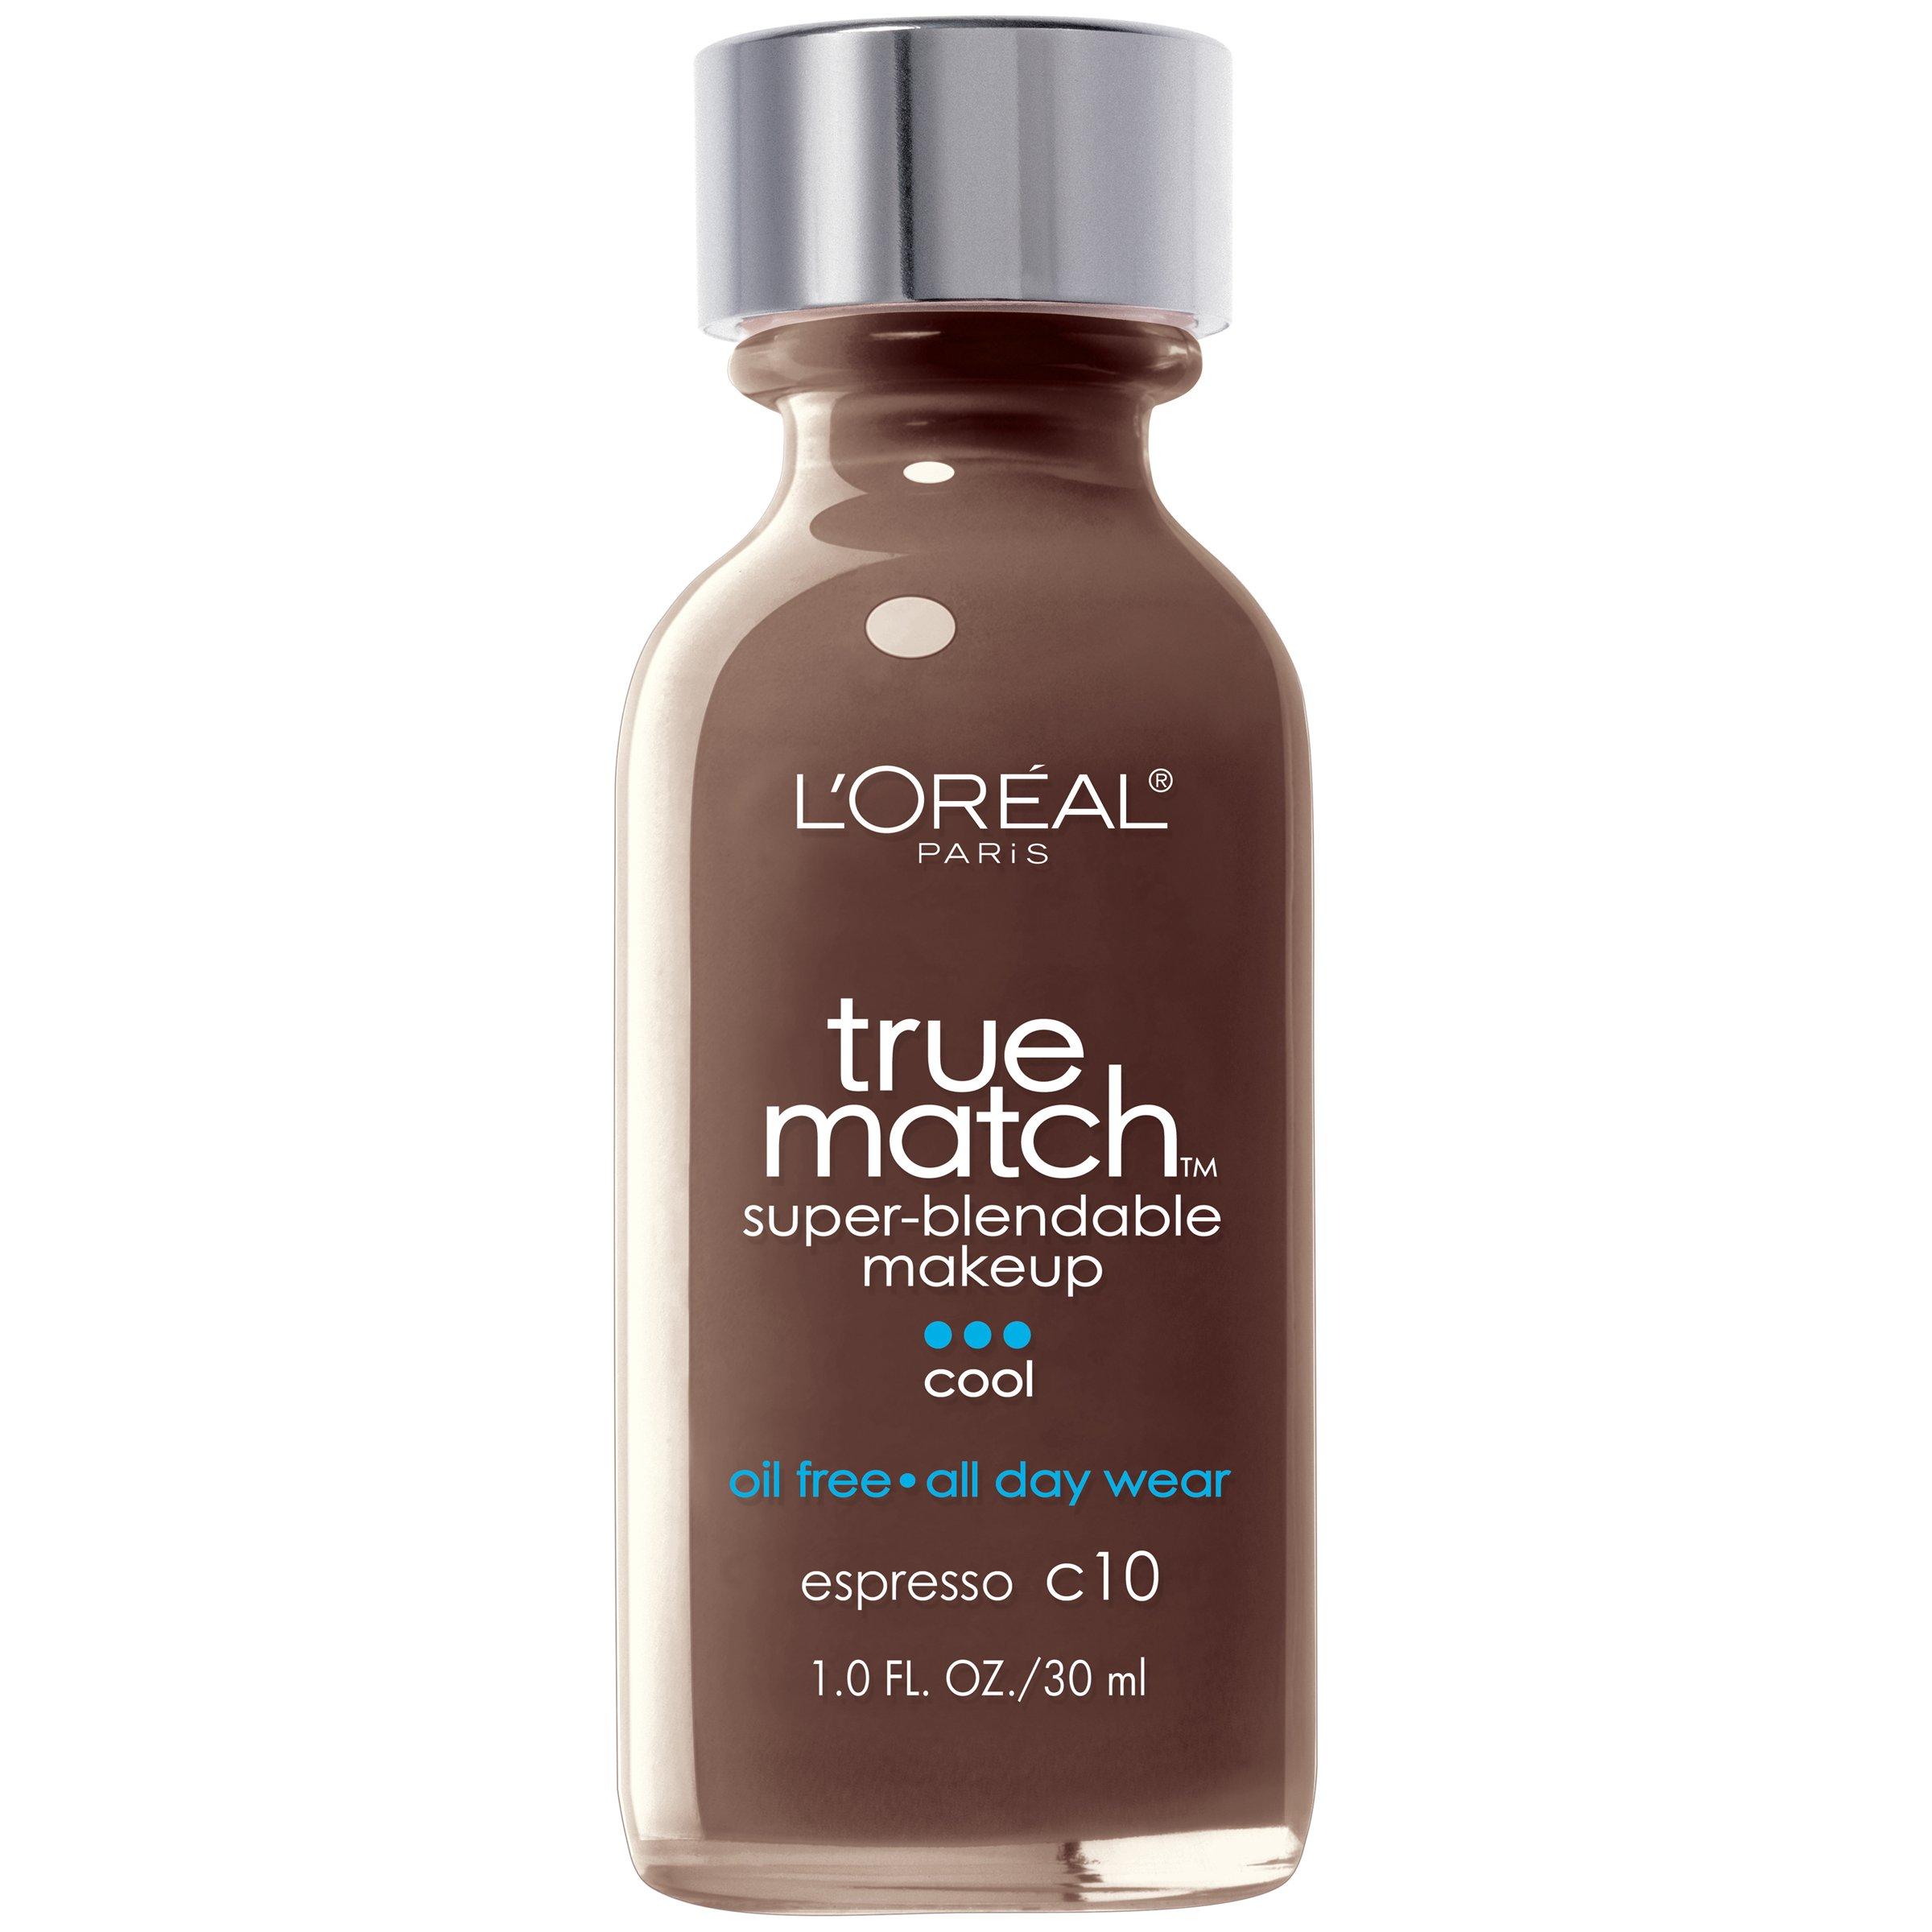 L'Oreal Paris Makeup True Match Super-Blendable Liquid Foundation, Espresso C10, 1 Fl Oz,1 Count